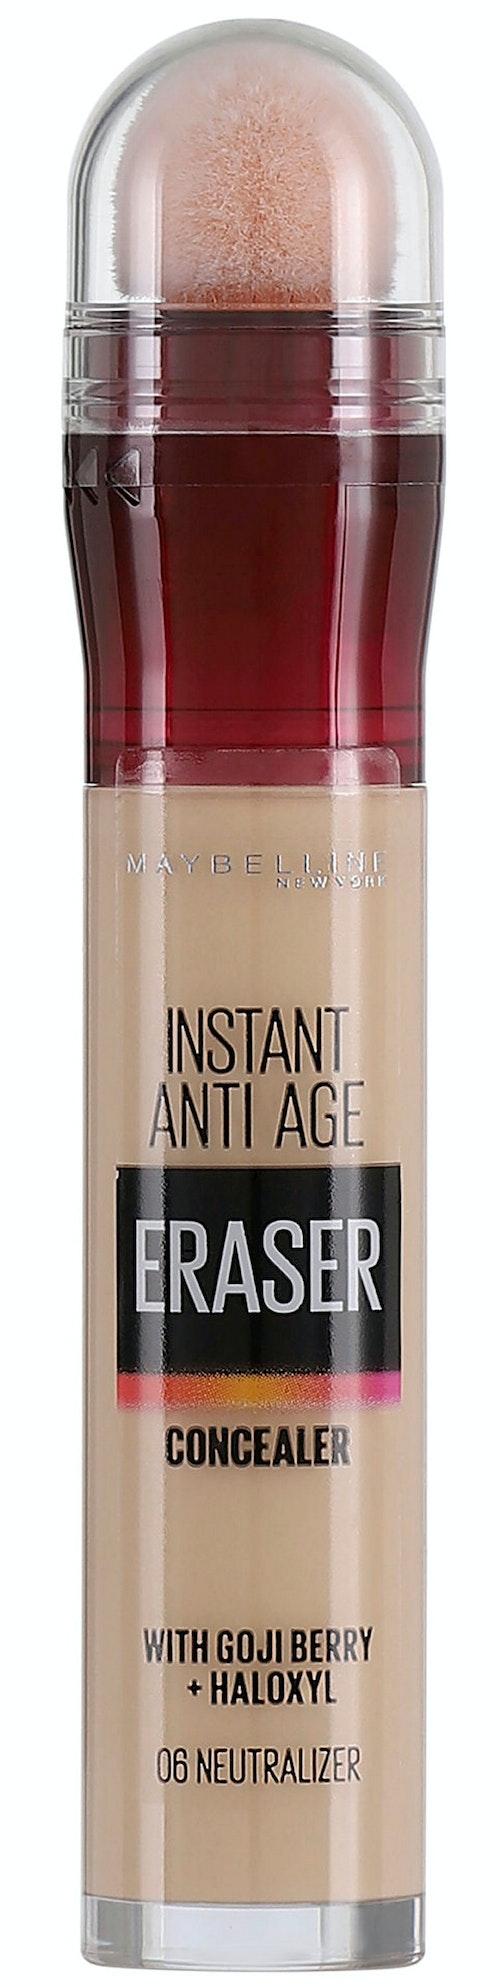 Maybelline Instant Eraser 06 Neutralizer 1 stk